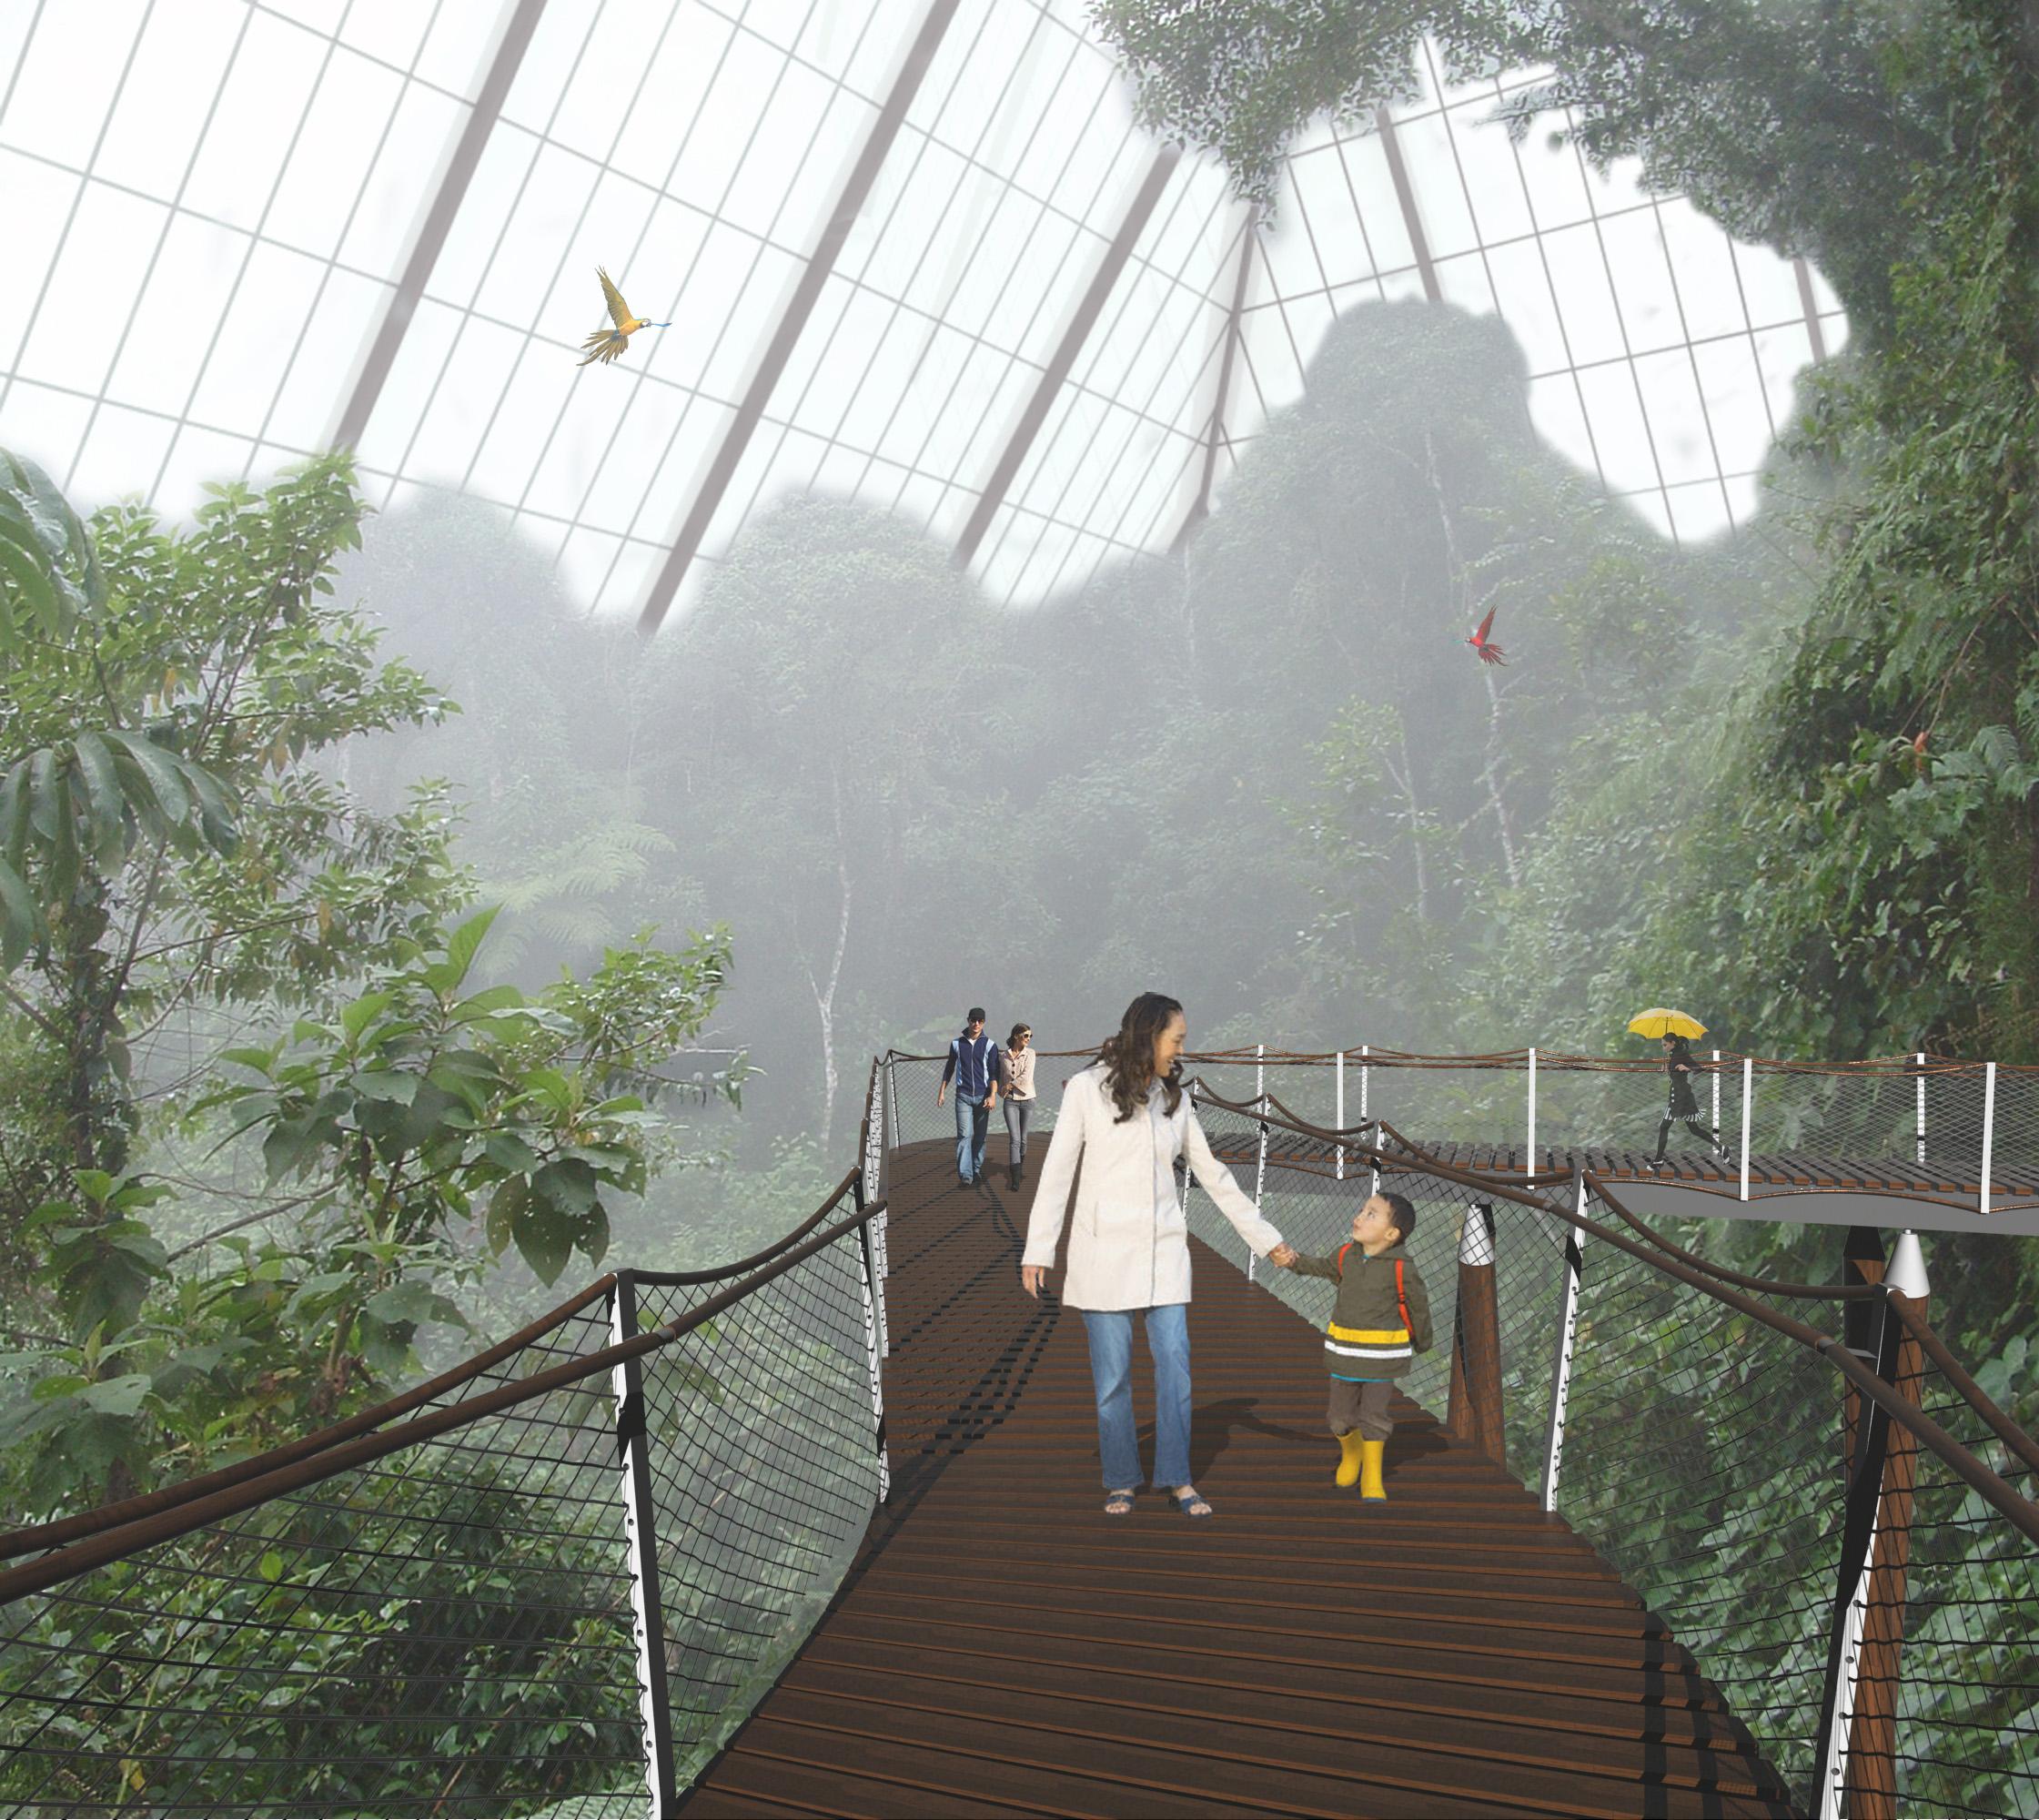 Rainforest Pyramid® Enhancement Underway!